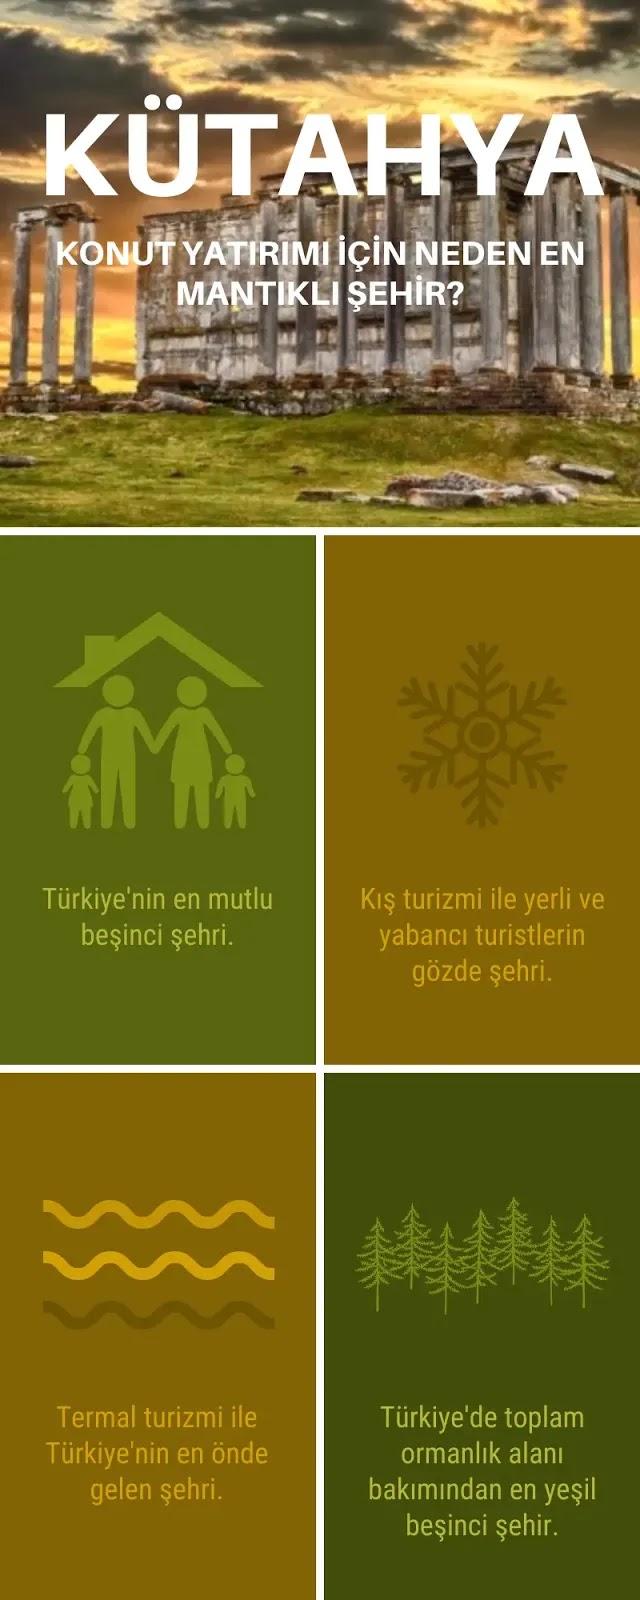 Türkiye'de Konut Yatırımı İçin Kütahya Neden Uygundur?